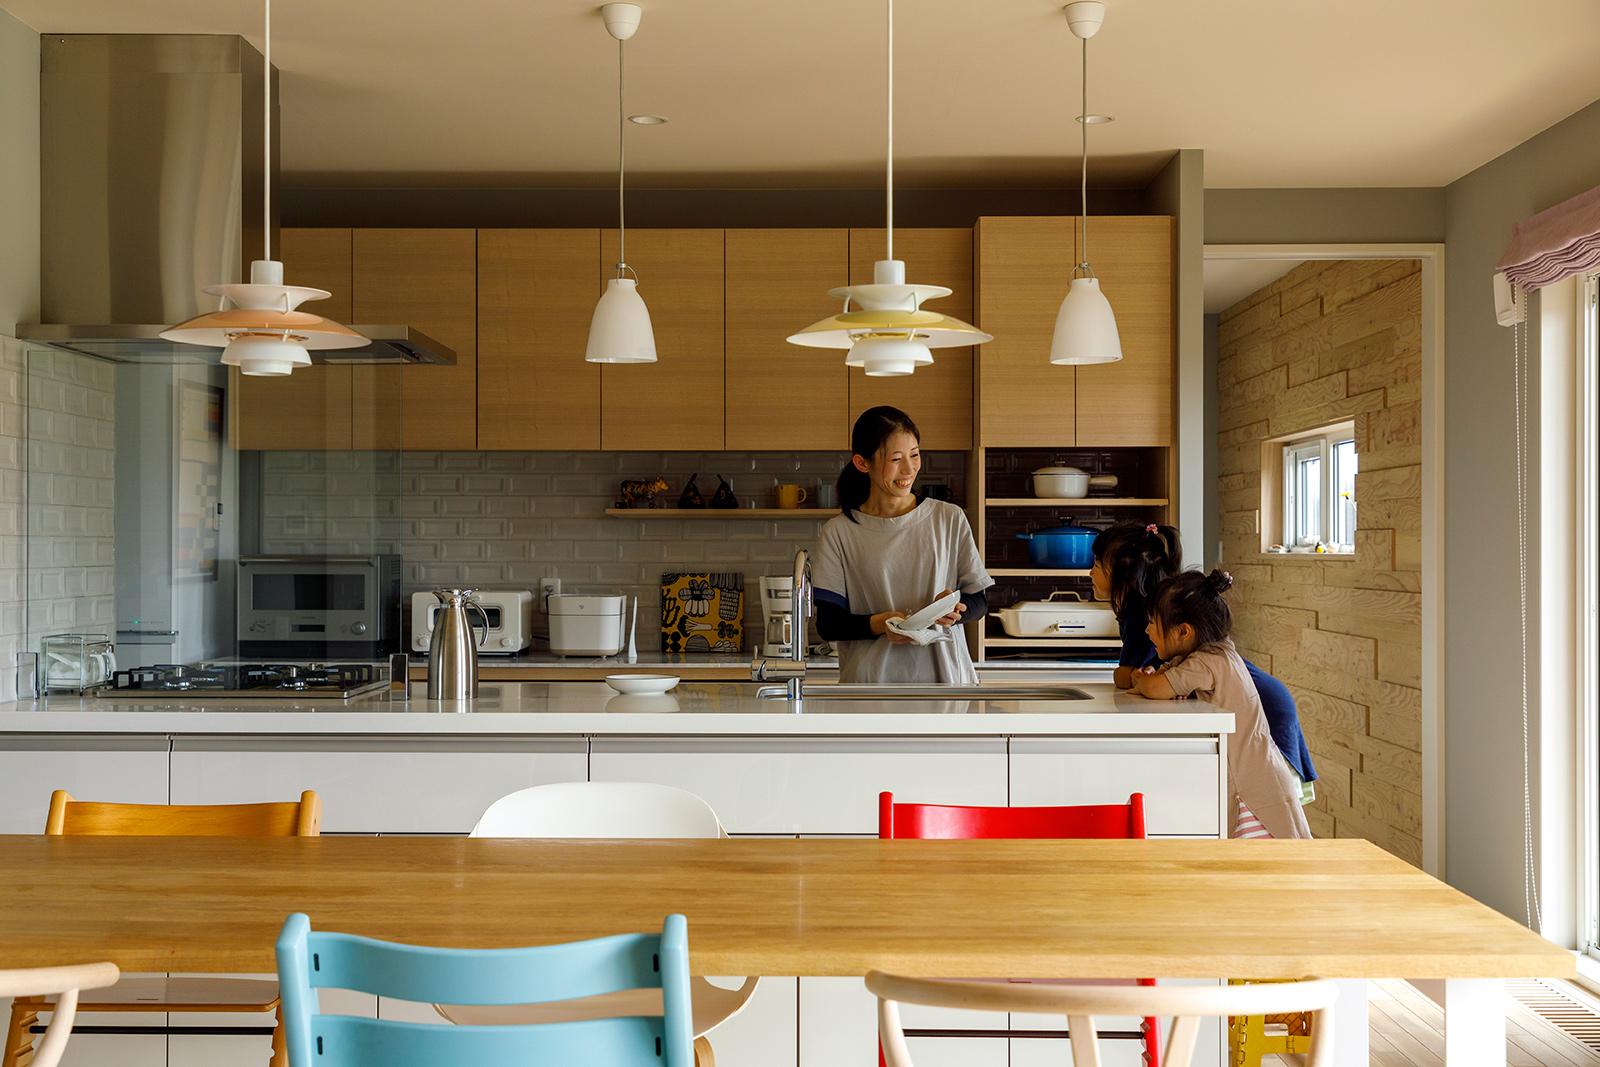 ダイニングテーブルは5人家族でも余裕たっぷり。家族の様子が見える快適なキッチンに、3姉妹が手伝いに立つ日もそう遠くはなさそう